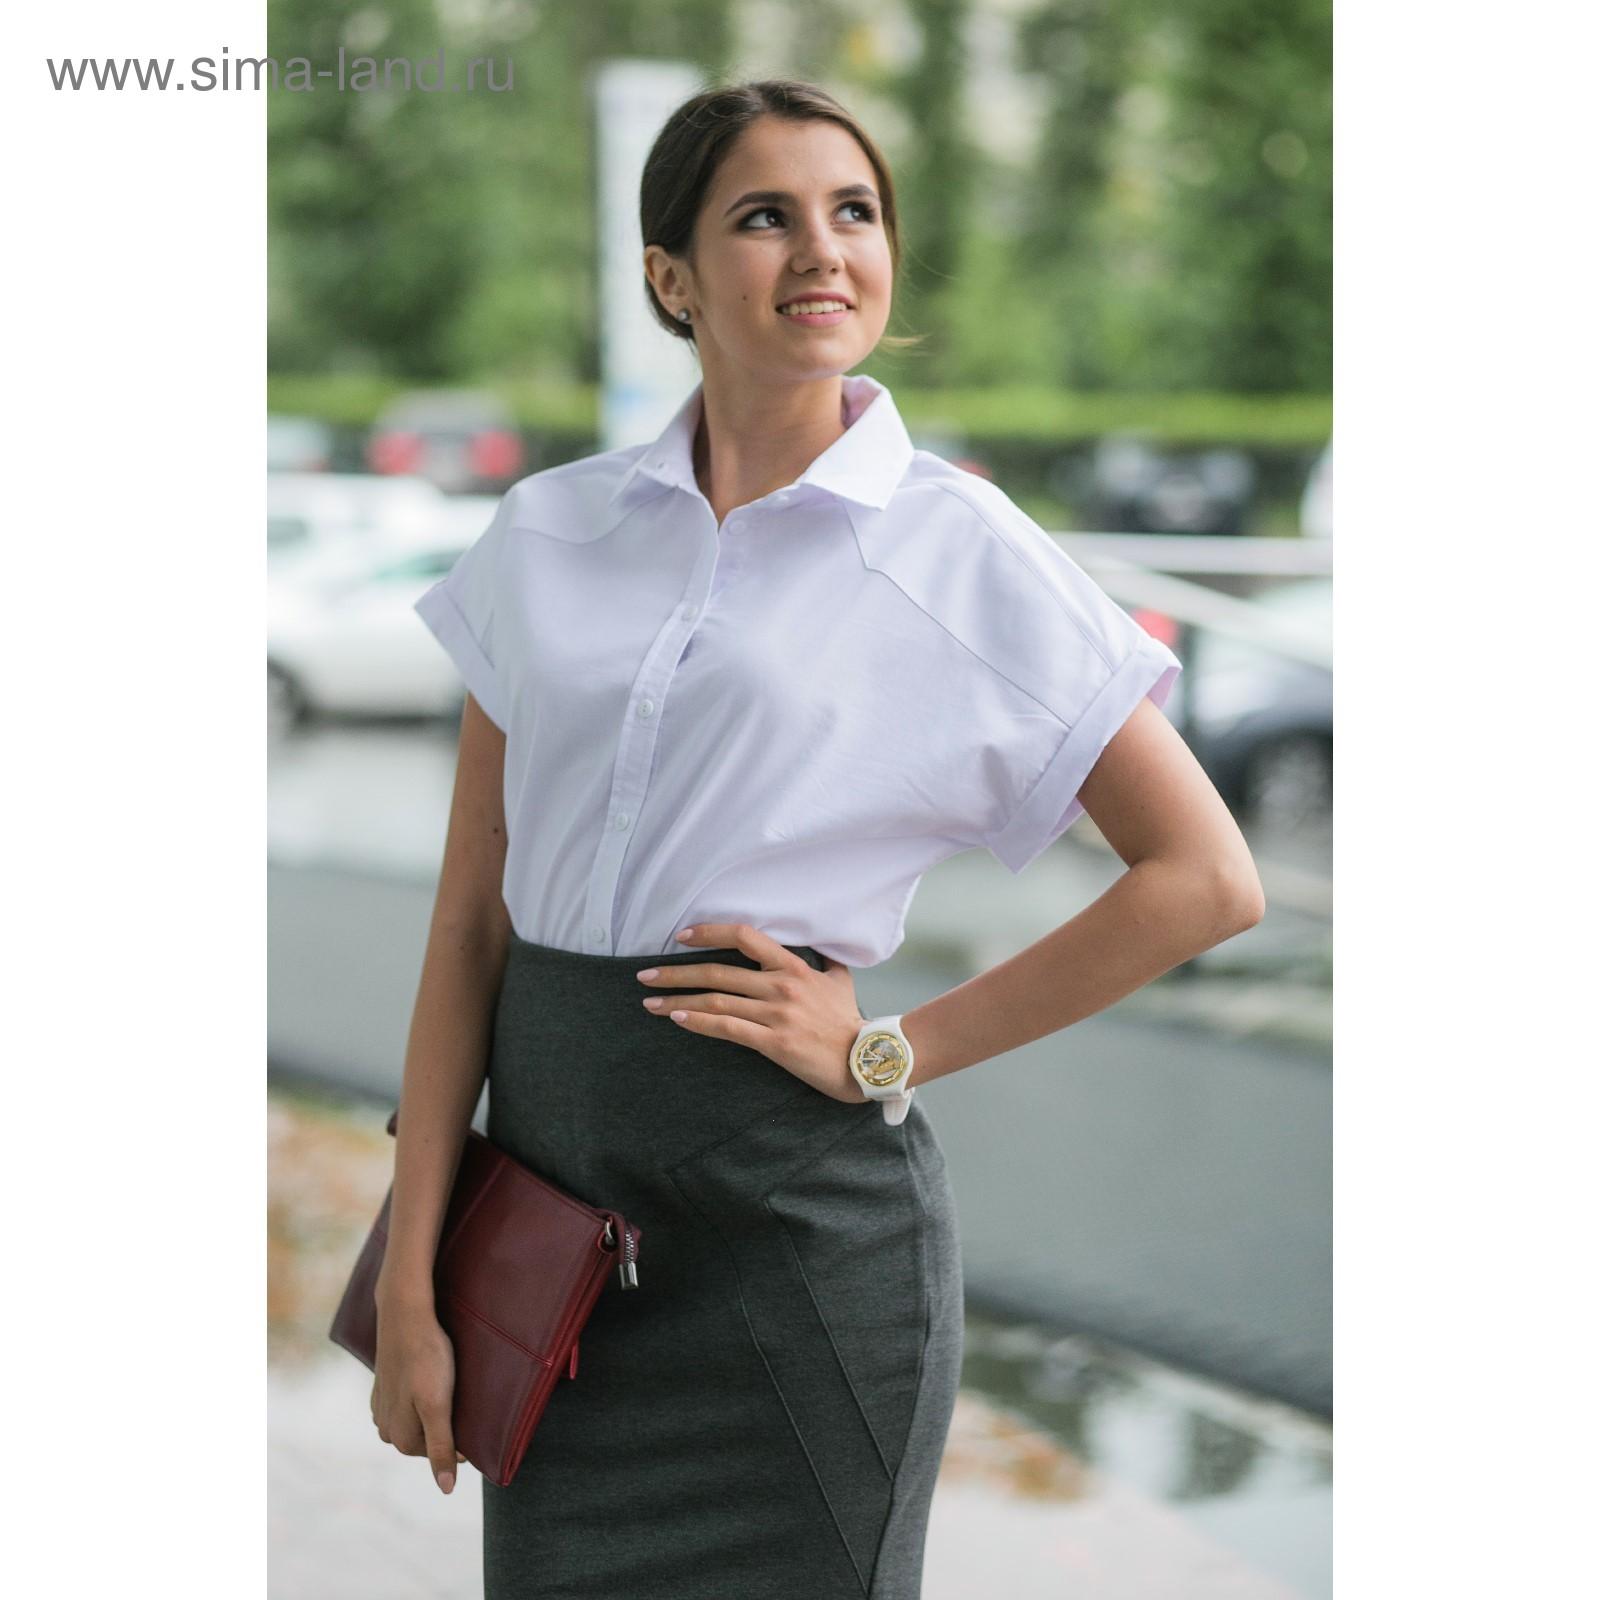 8964a92e7c7 Рубашка женская классическая